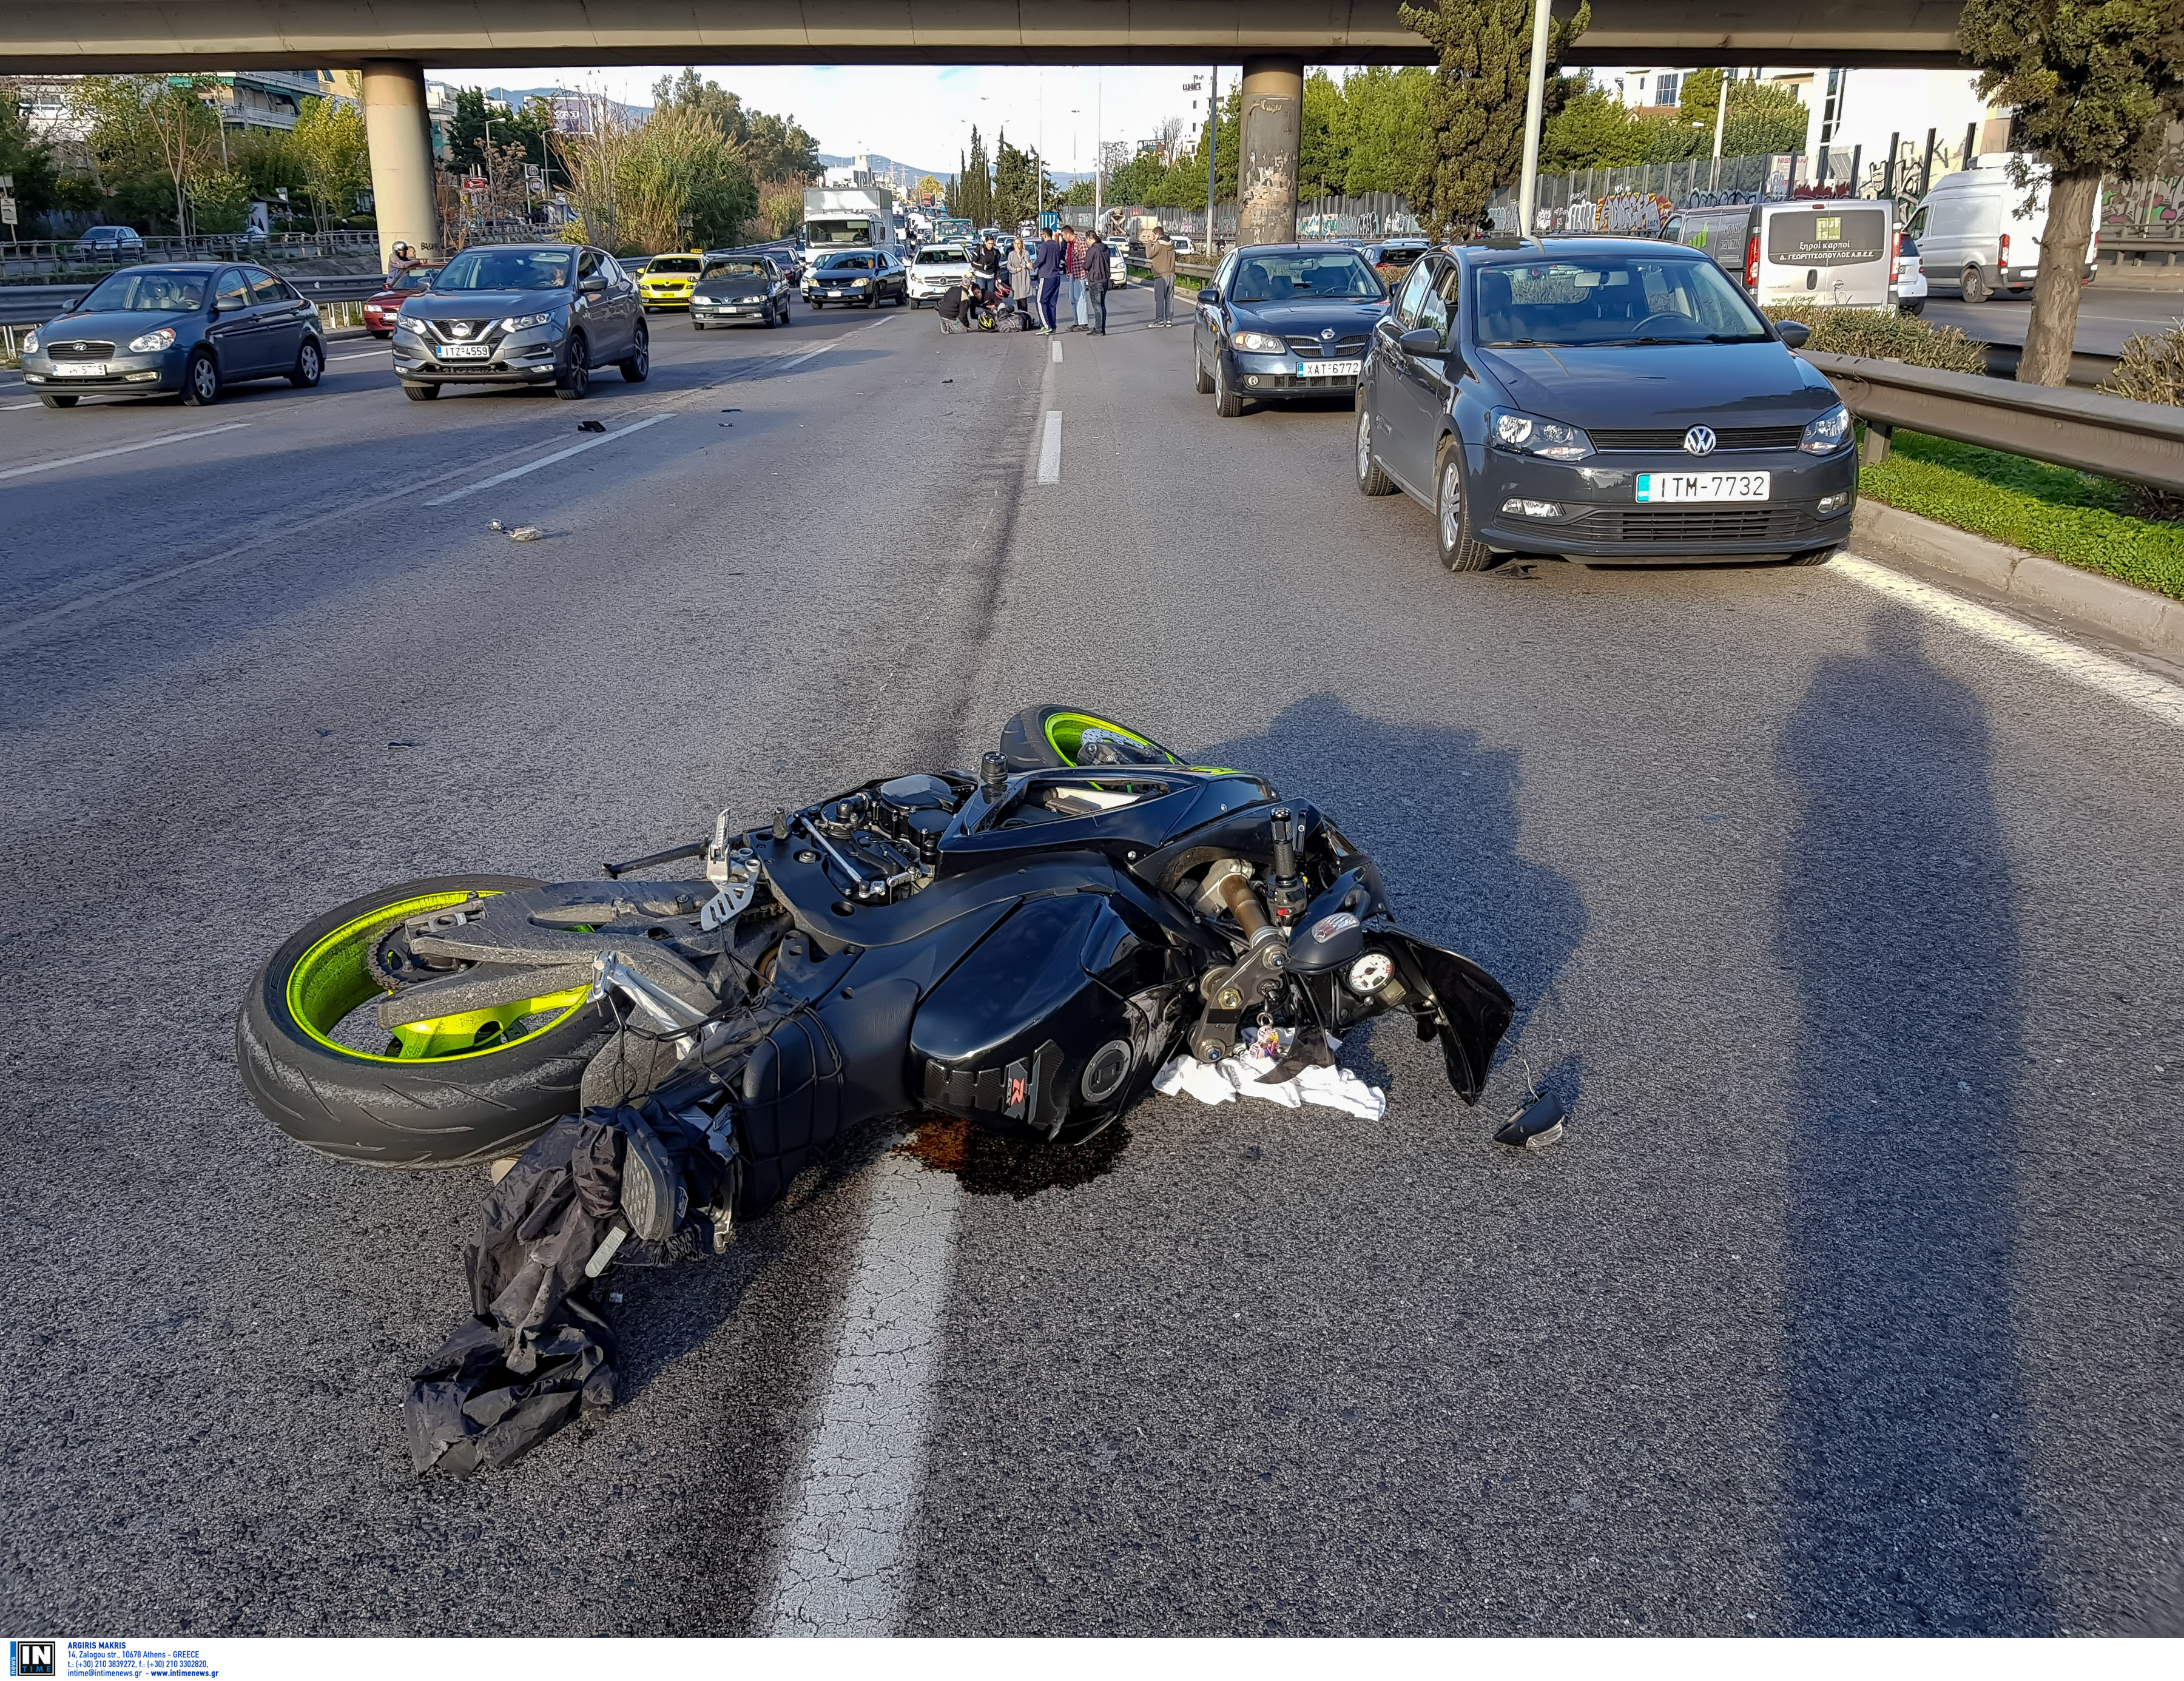 Τροχαίο στη λεωφόρο Σχιστού με δυο τραυματίες